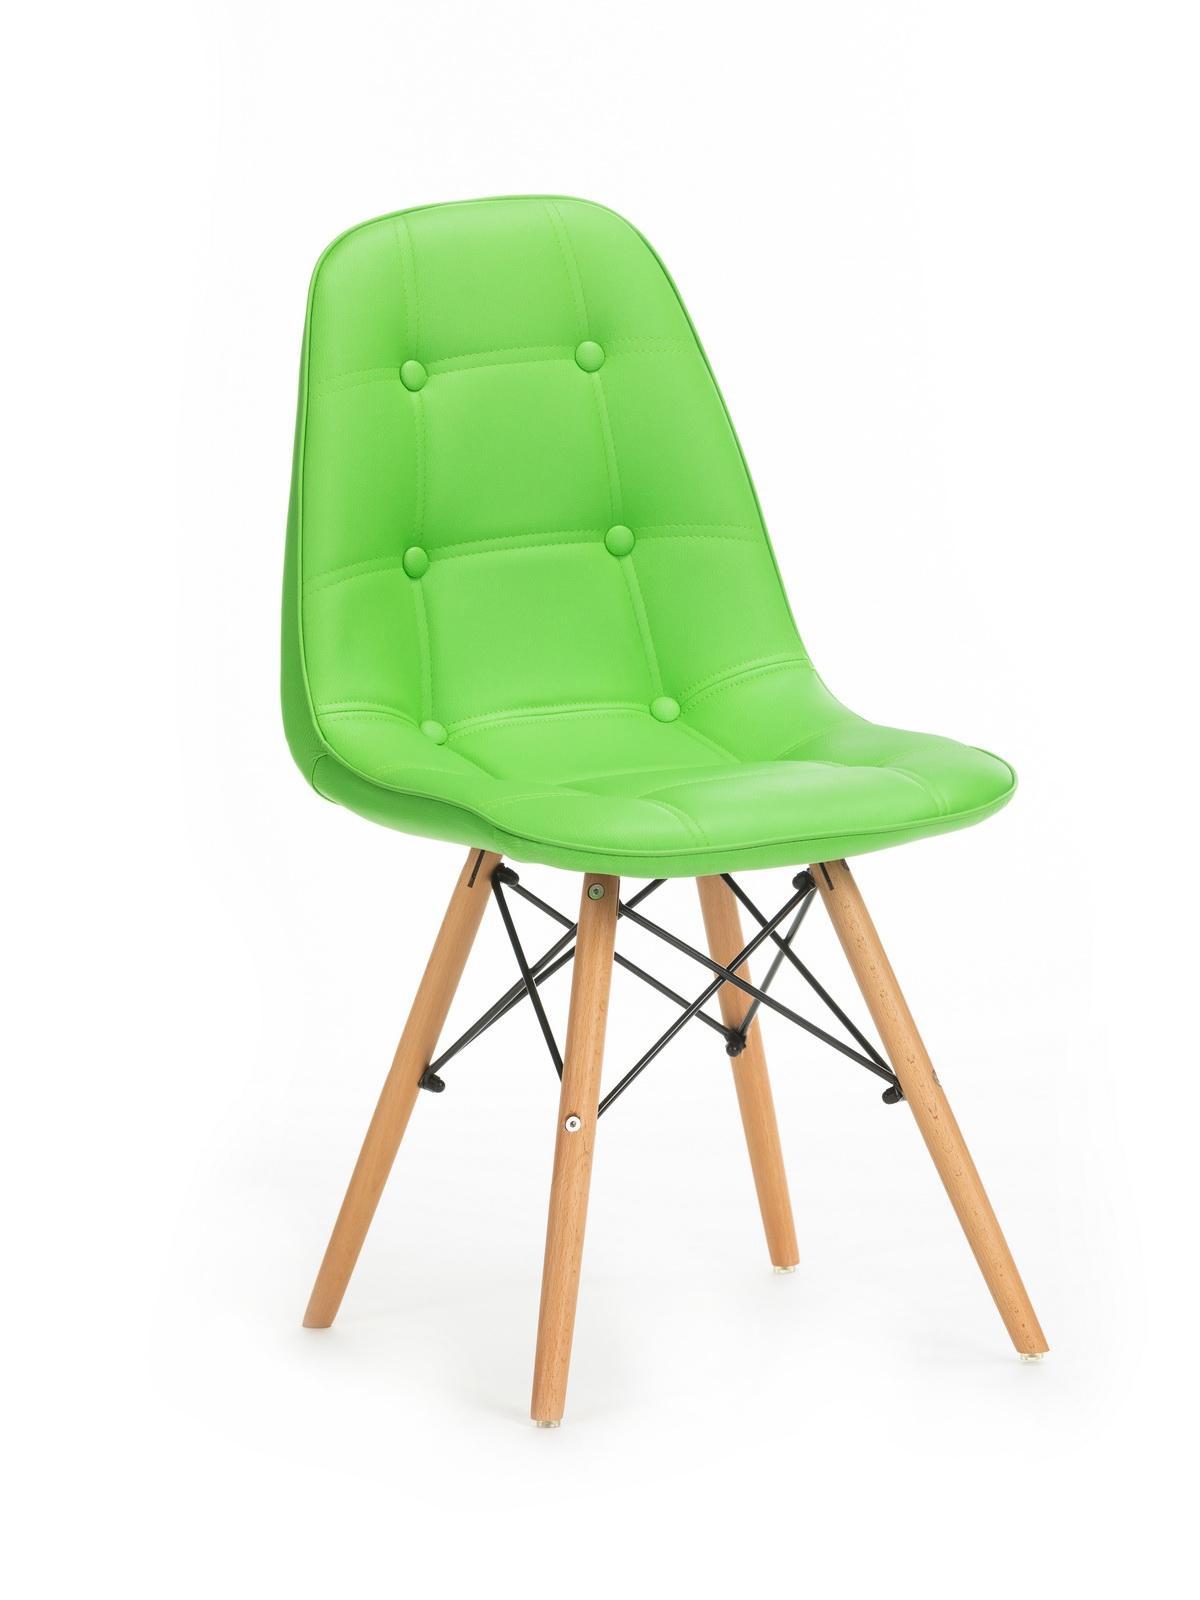 Scaun tapitat cu piele ecologica, cu picioare de lemn Stag Green, l55xA48xH83 cm imagine